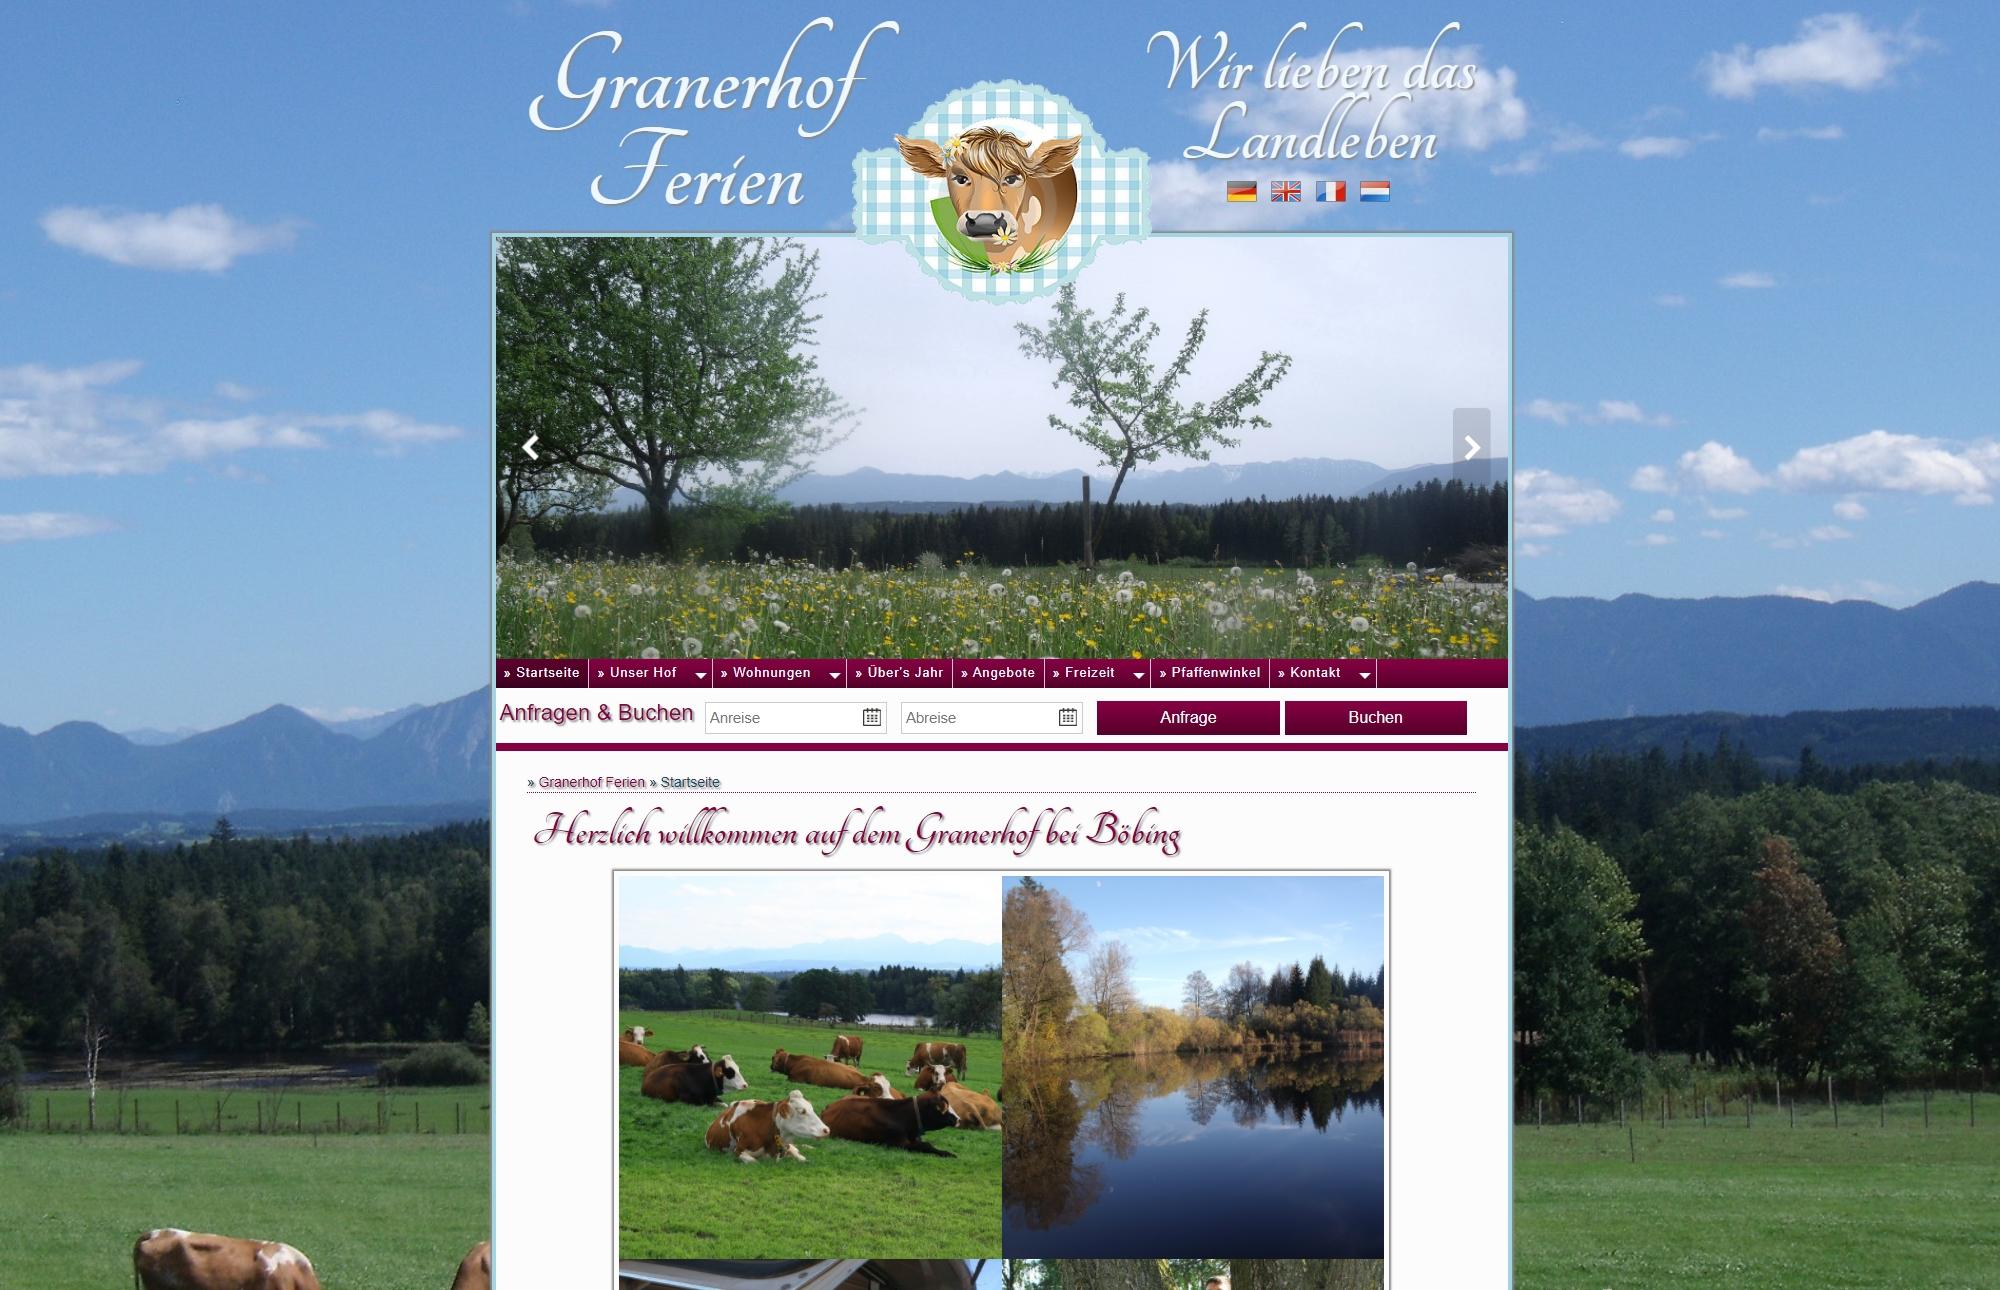 Granerhof Ferien aus Böbing